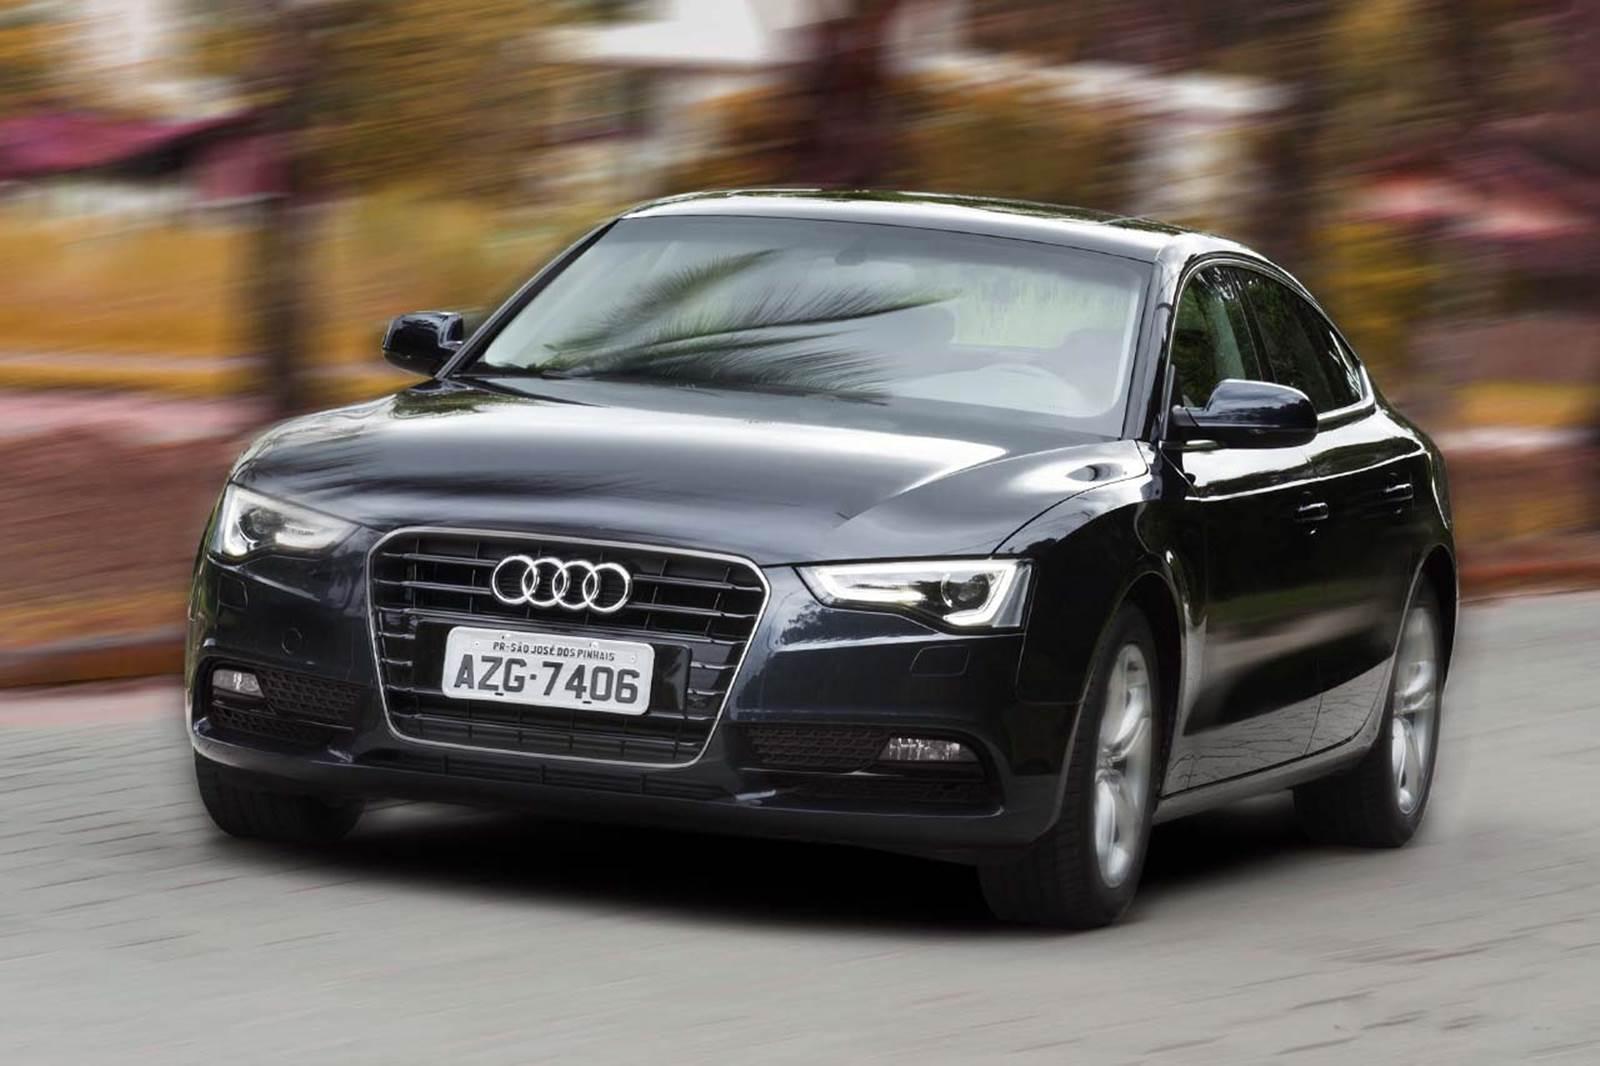 Audi - maior vendedora de carros de luxo em janeiro de 2015